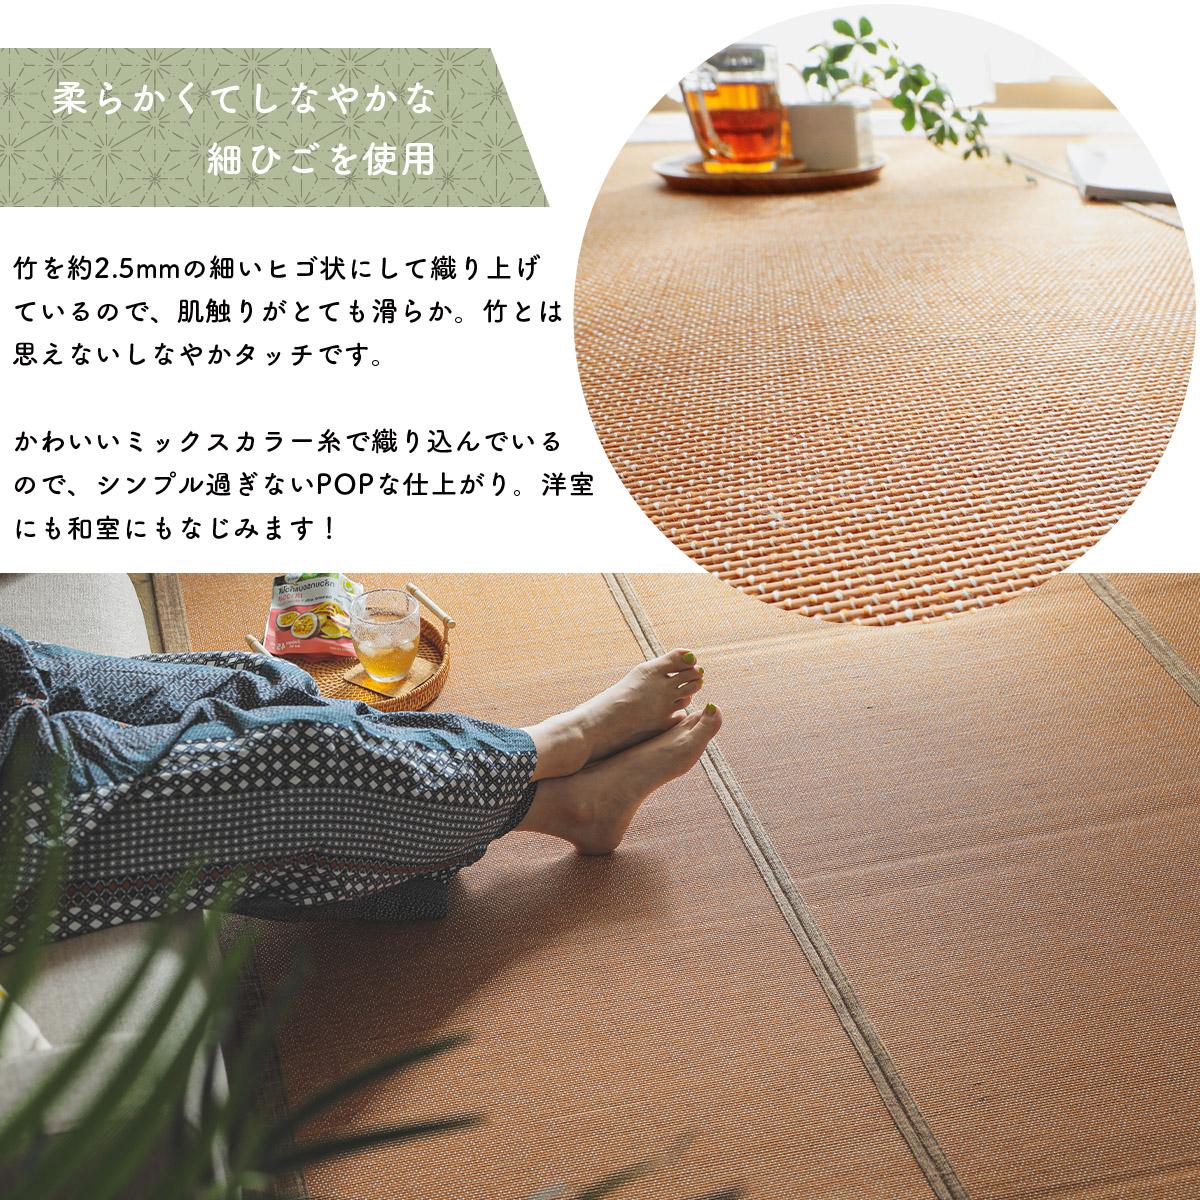 ブリーズ 竹ラグ 柔らかい細ひごを使用